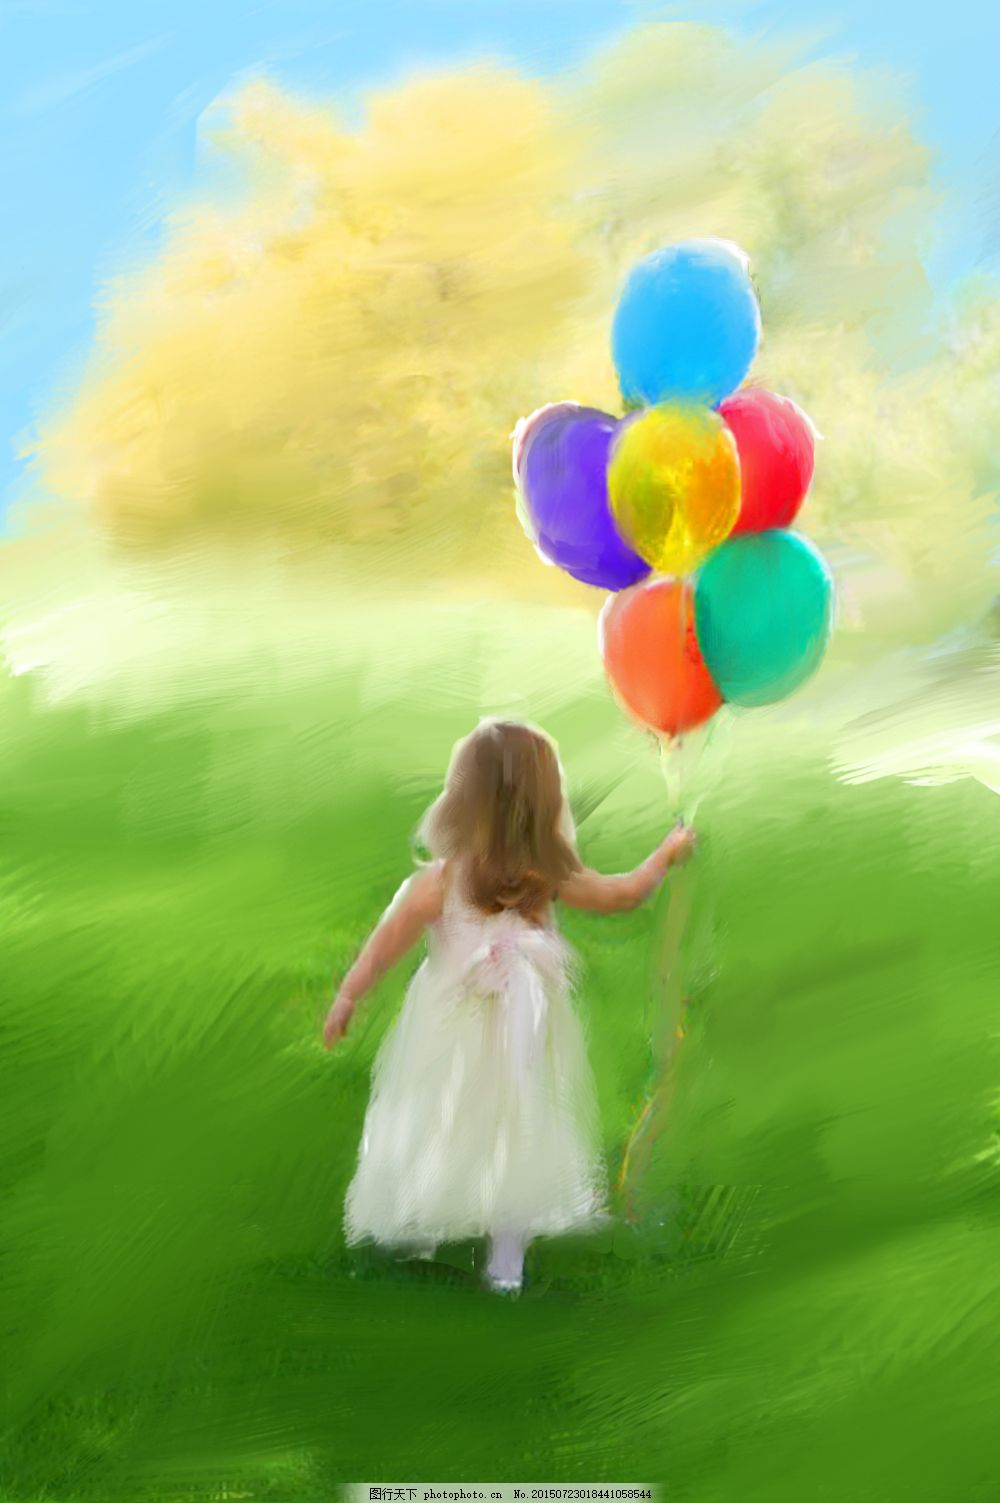 气球女孩 女孩 少女 气球 小清新 文艺 治愈 水粉 画 风景 psd 绿色